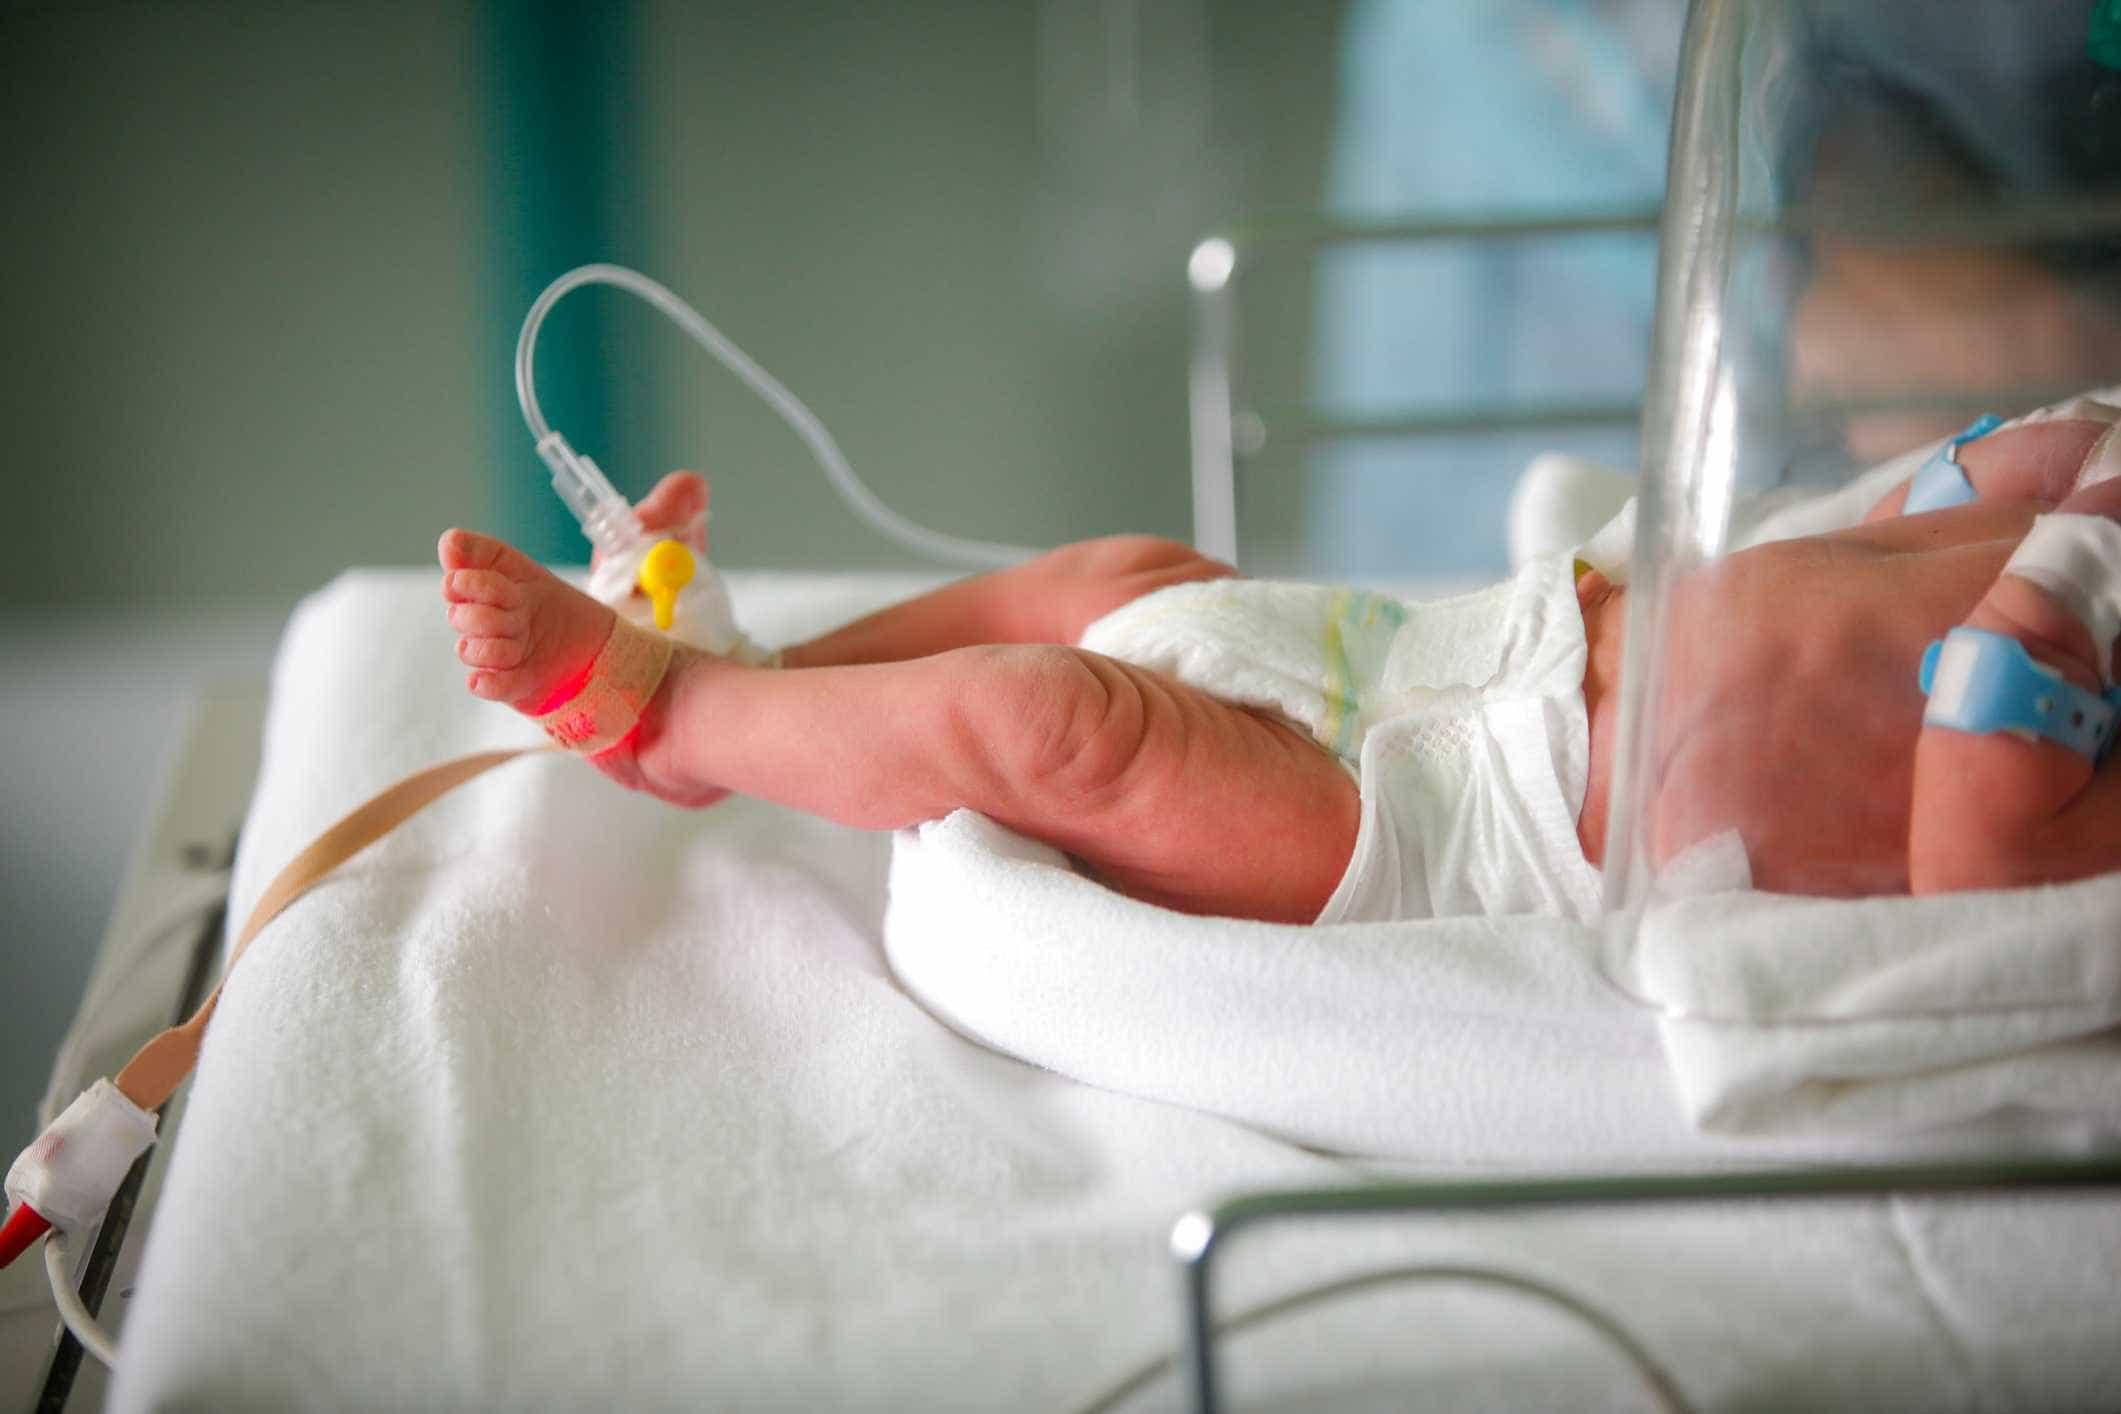 Recém-nascido dado como morto volta a respirar nos braços dos pais